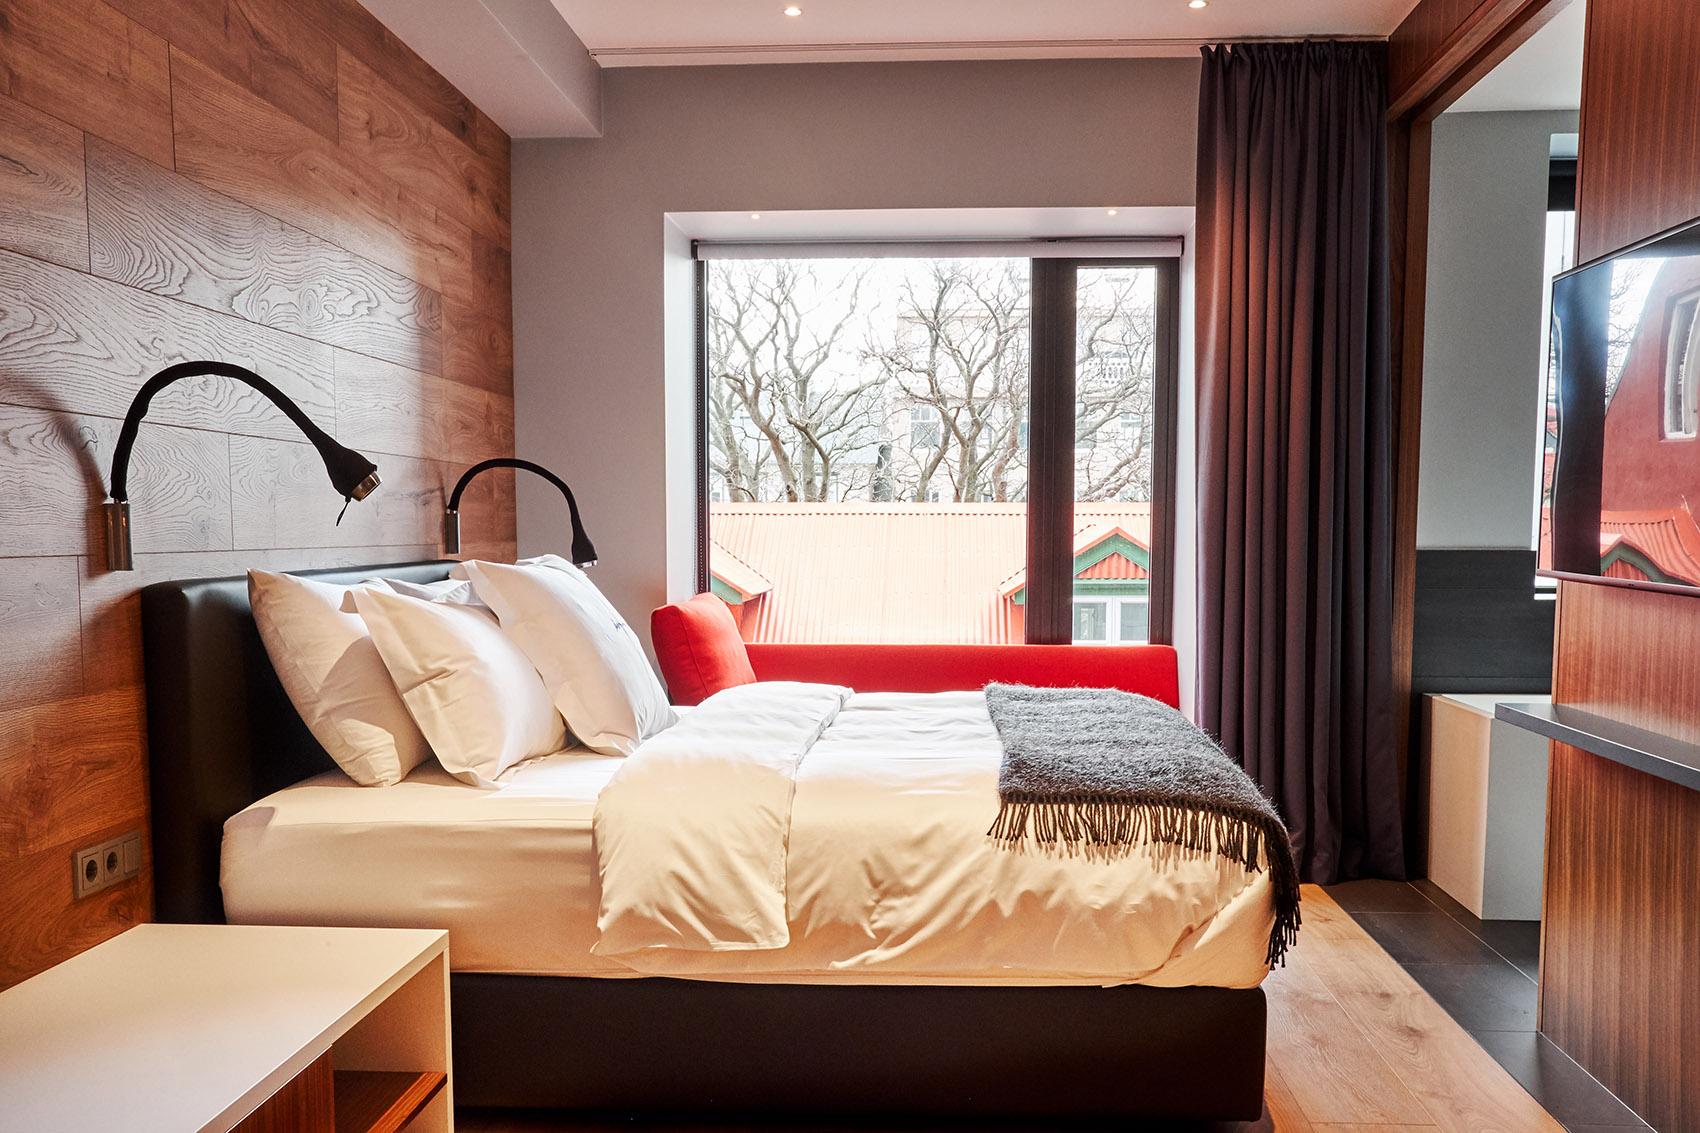 江西南康家具批发厂家的家具会比较便宜吗?